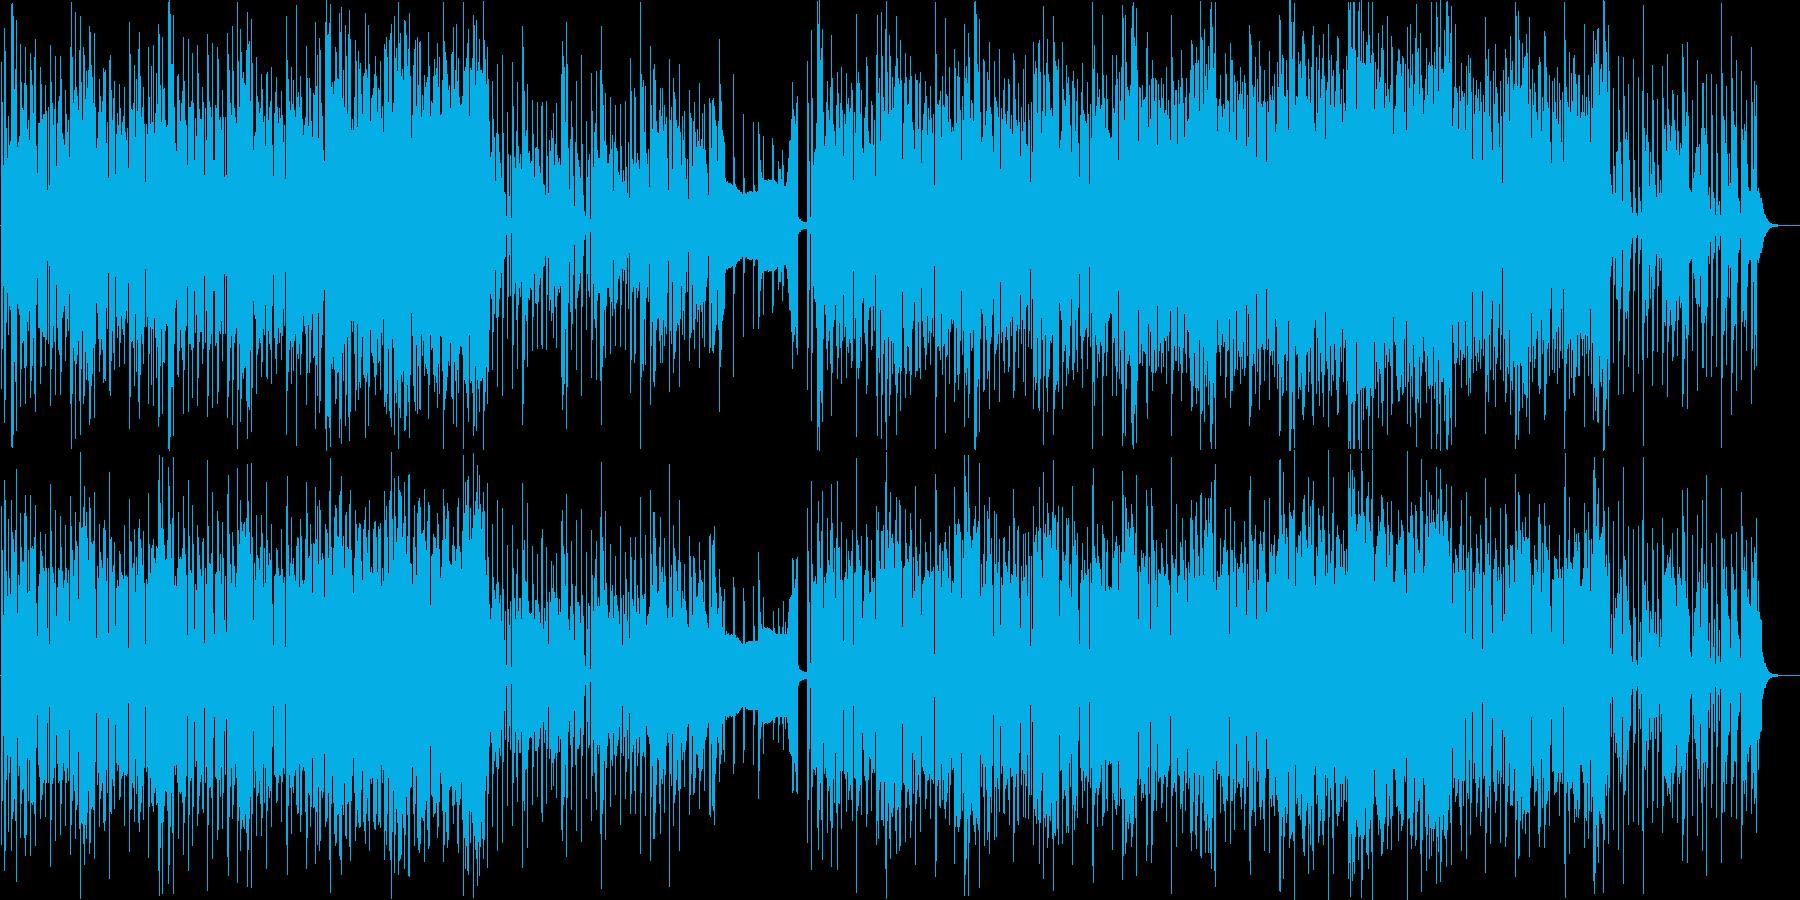 ピアノがおしゃれなハウスポップなダンス曲の再生済みの波形